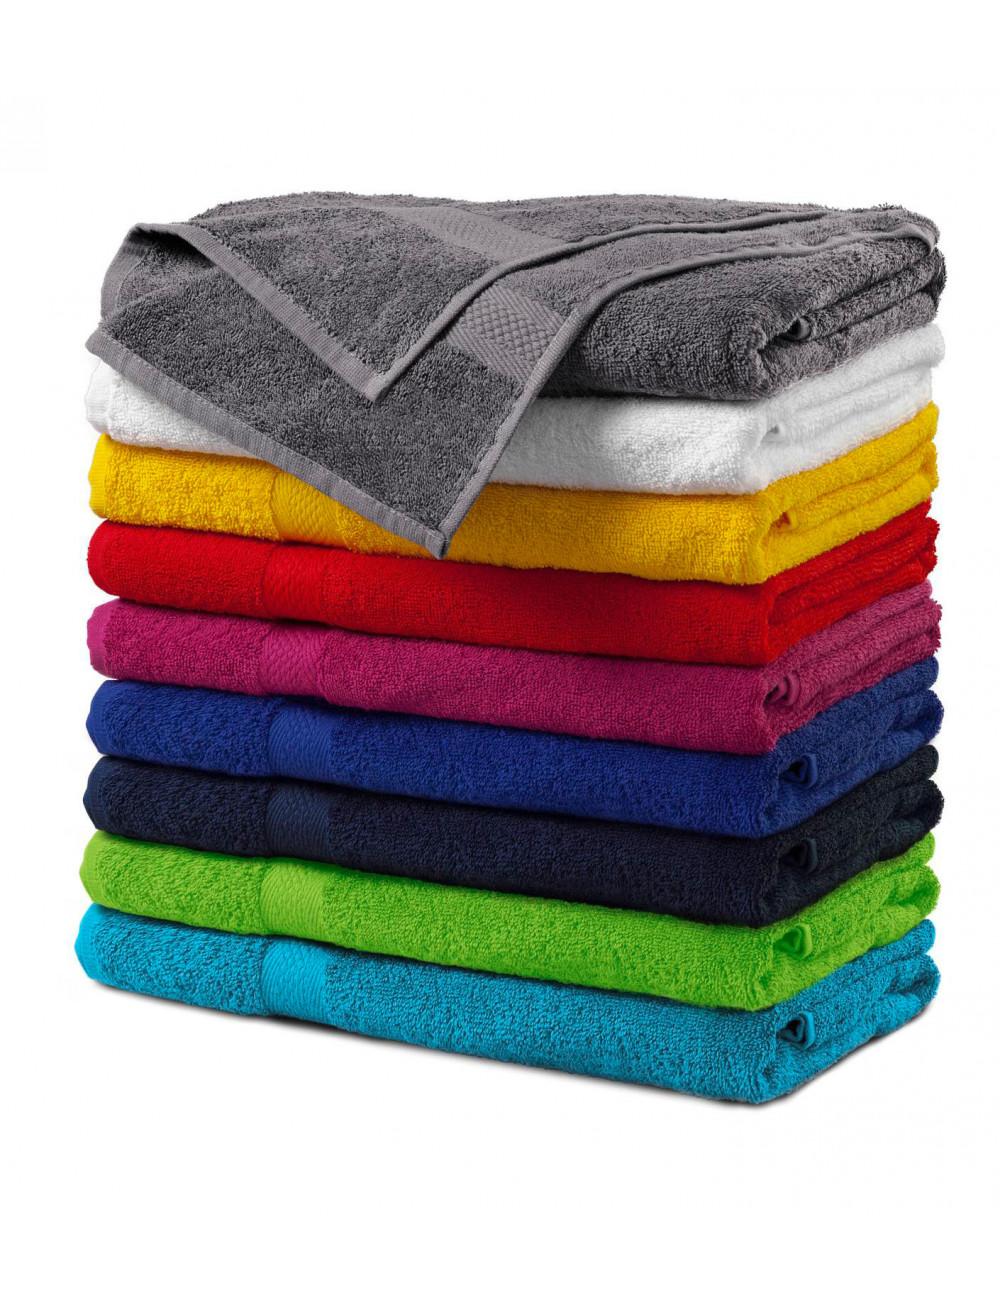 Adler MALFINI Ręcznik duży unisex Terry Bath Towel 905 czerwony